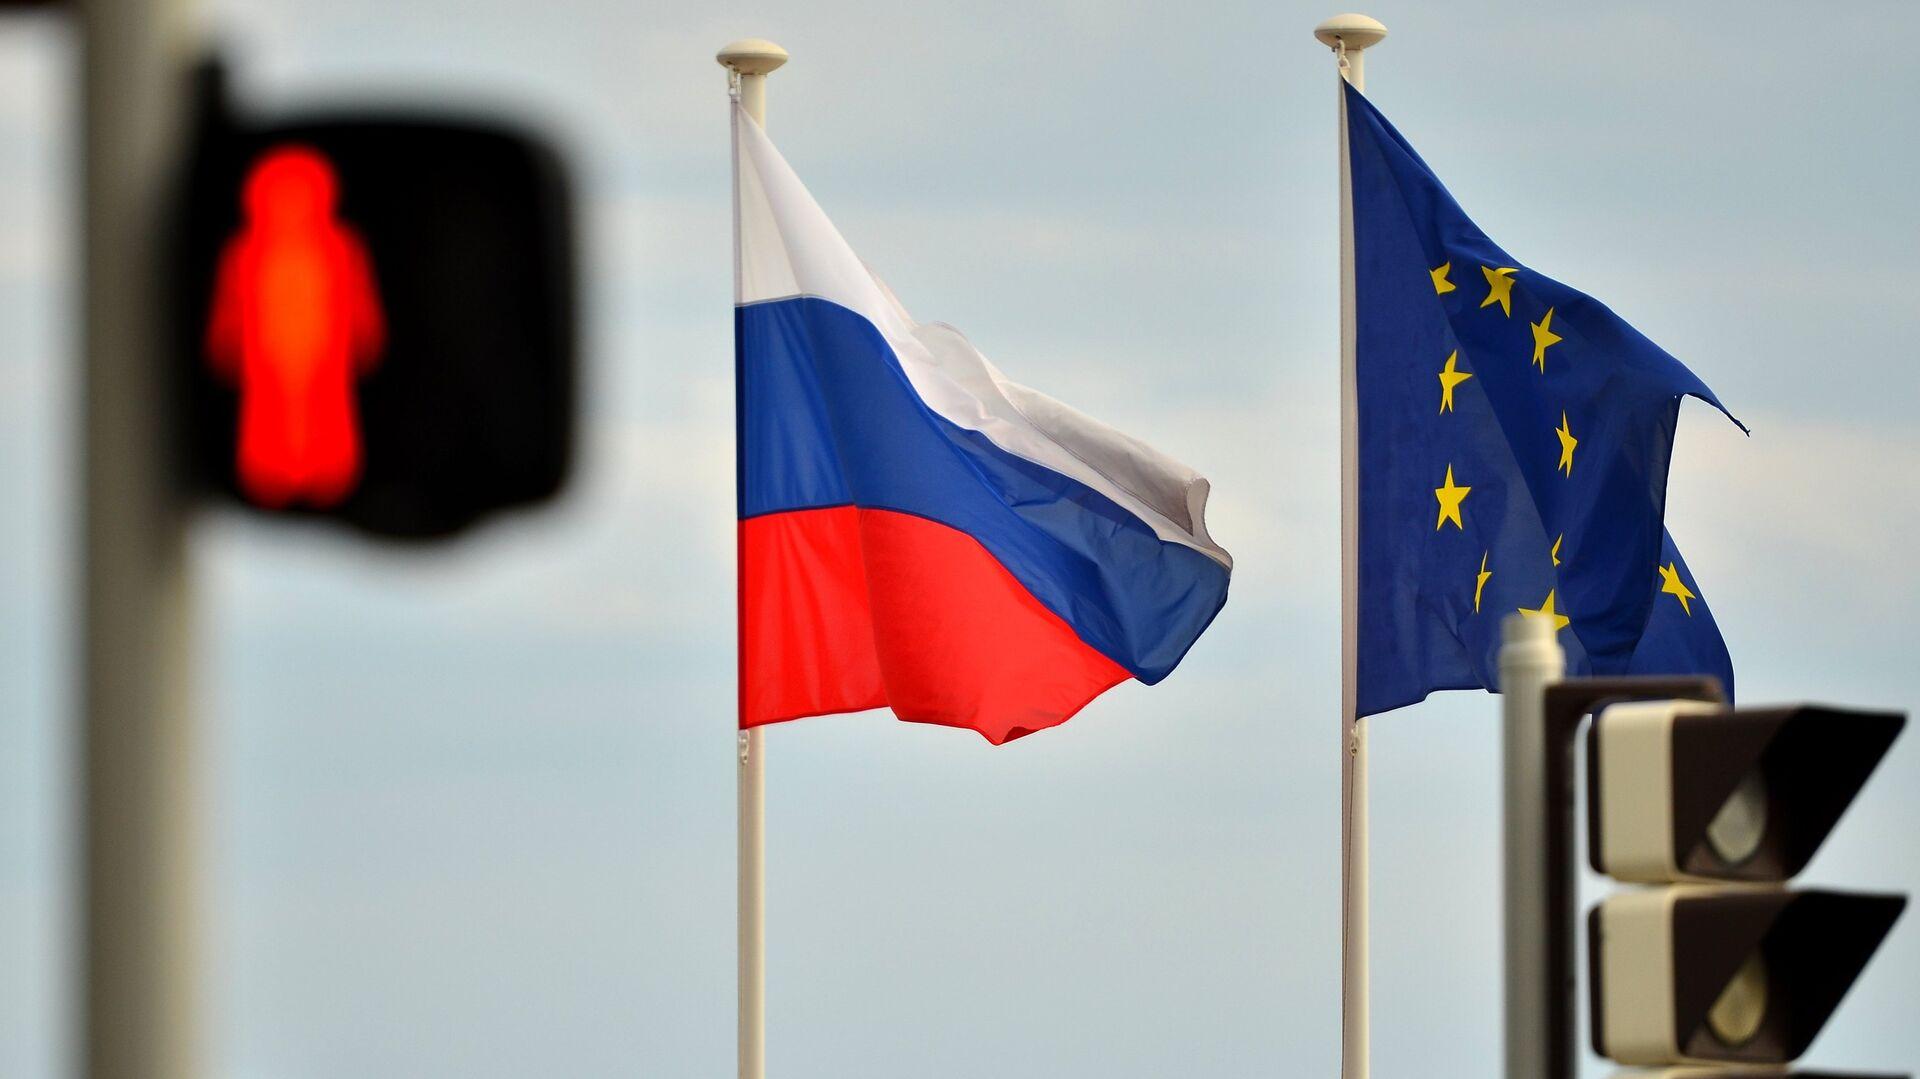 Banderas de Rusia y la UE - Sputnik Mundo, 1920, 11.02.2021